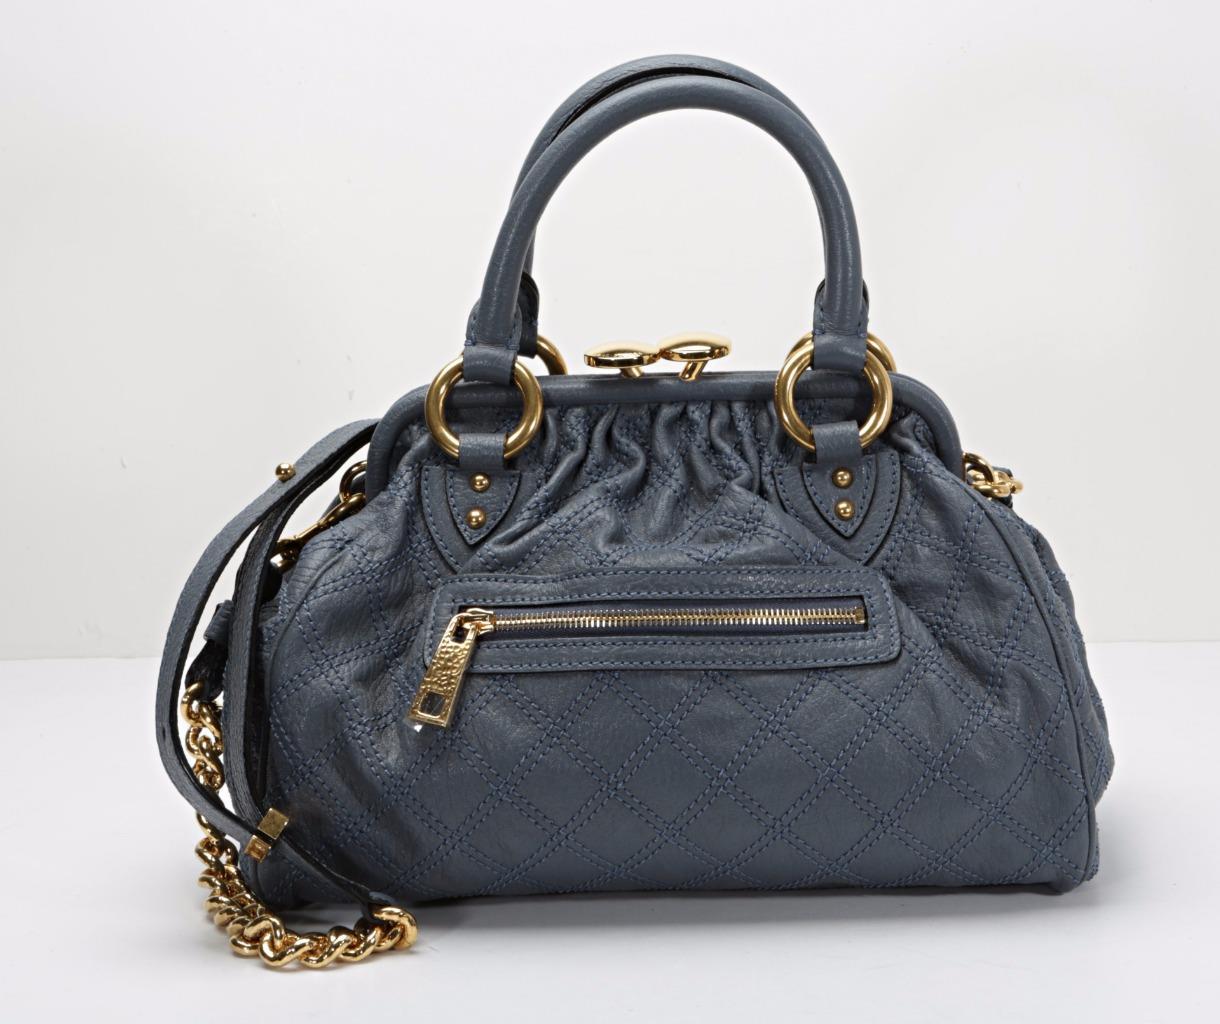 150d32d78643 Details about MARC JACOBS Womens Blue-Cloud MINI STAM Handbag Doctors Bag  Purse NEW  1250